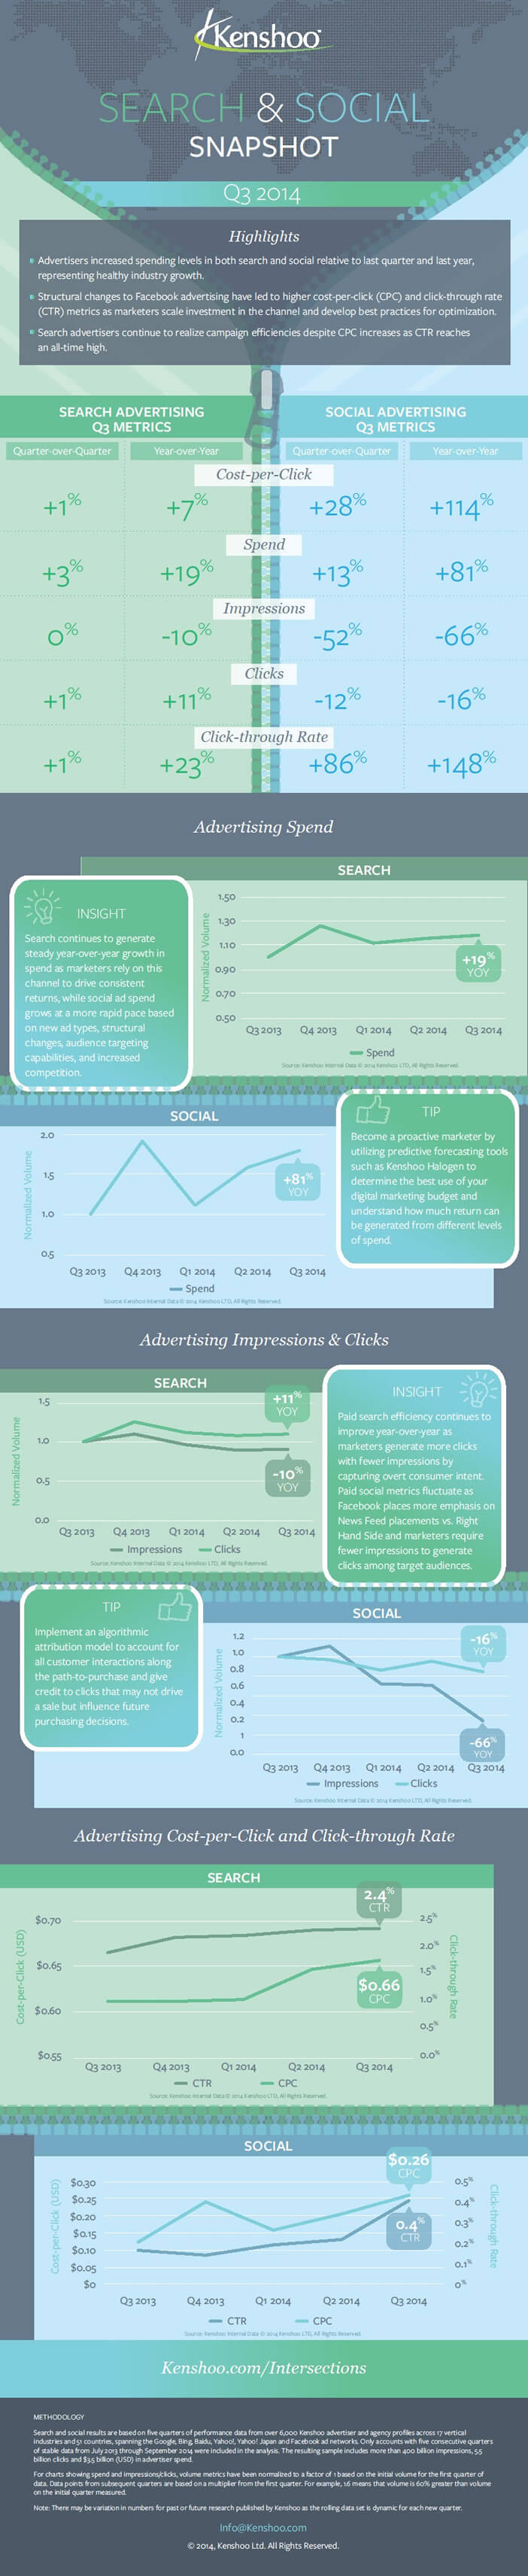 Infographie : Publicité en ligne, les dernières tendances